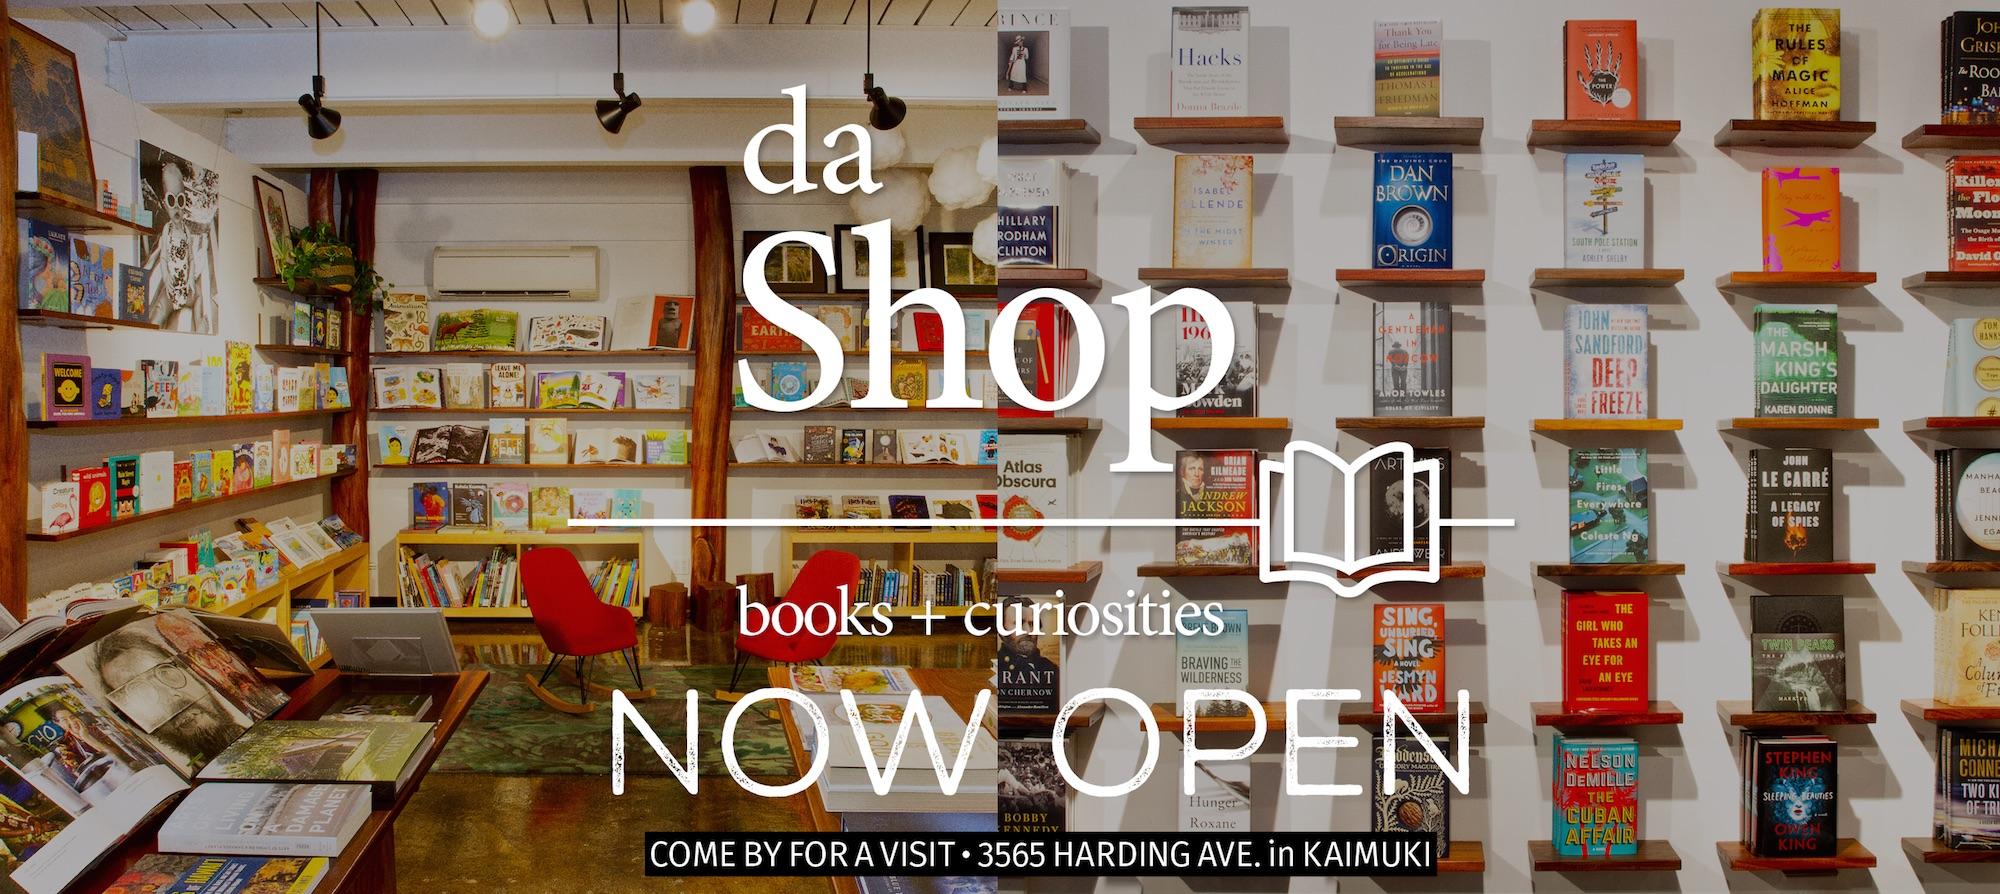 da shop opening 2018.png